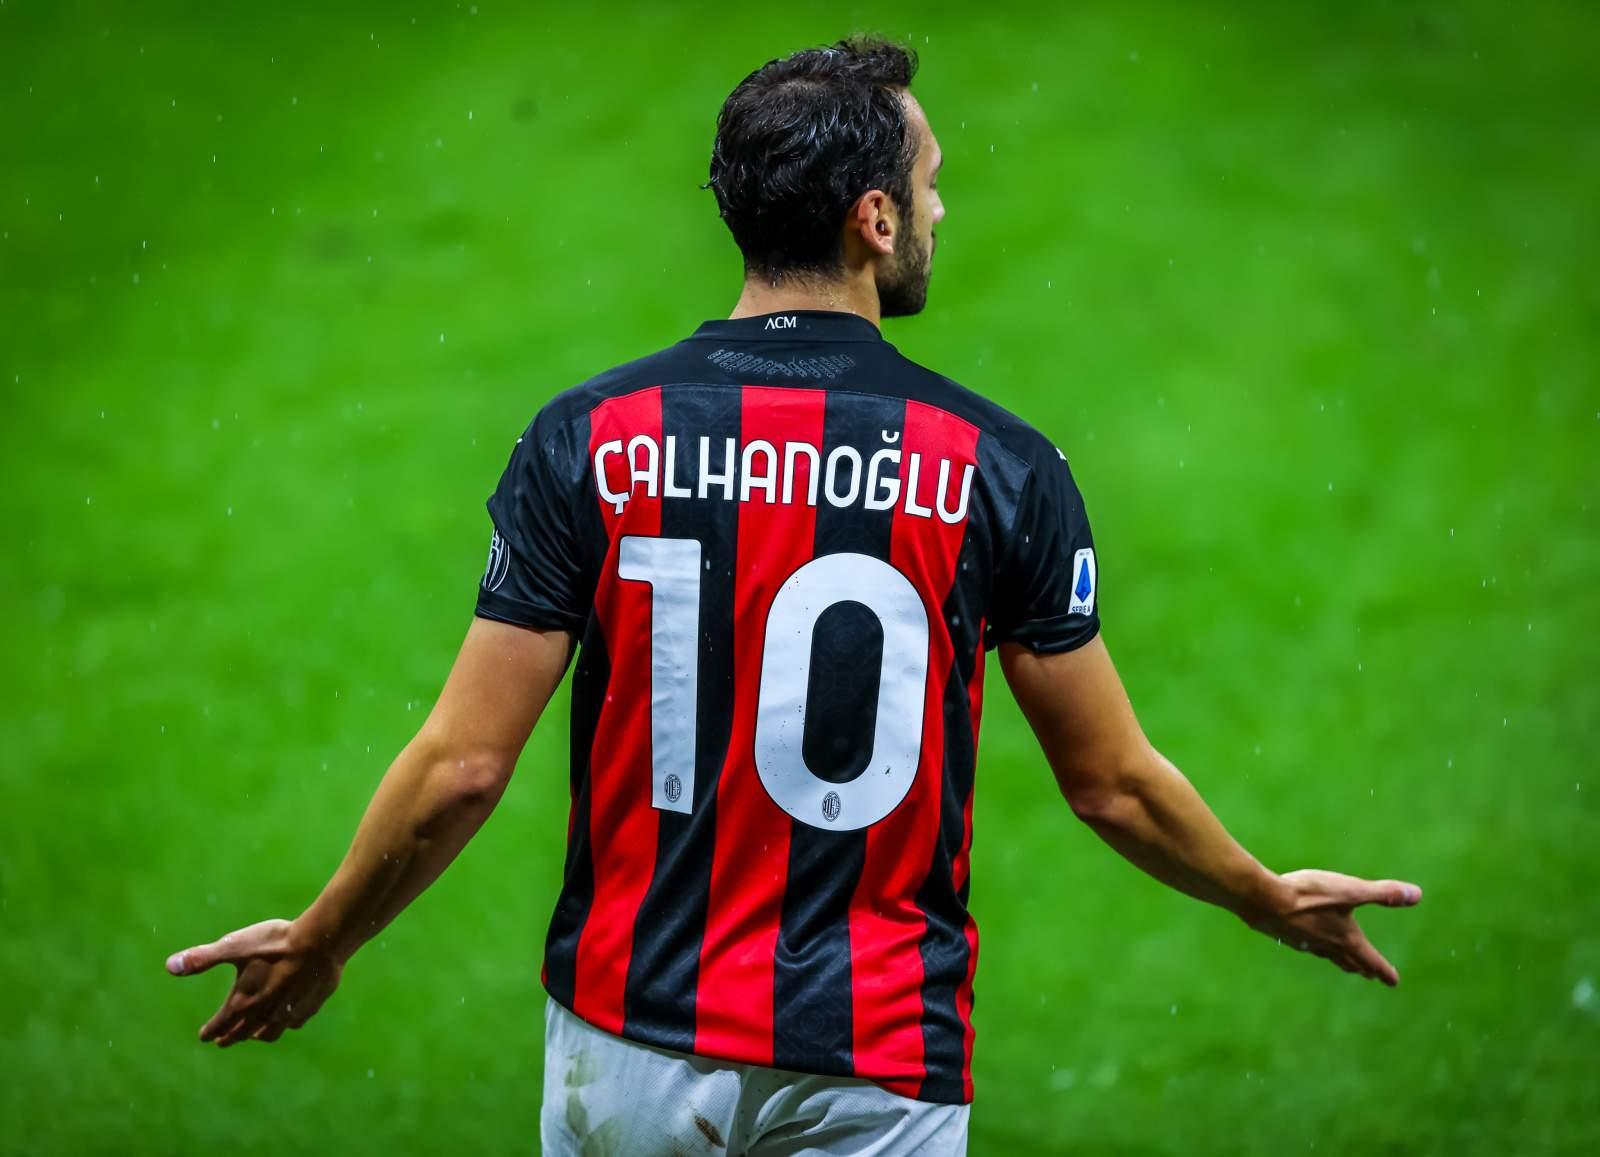 «Милан» не станет продавать Чалханоглу зимой